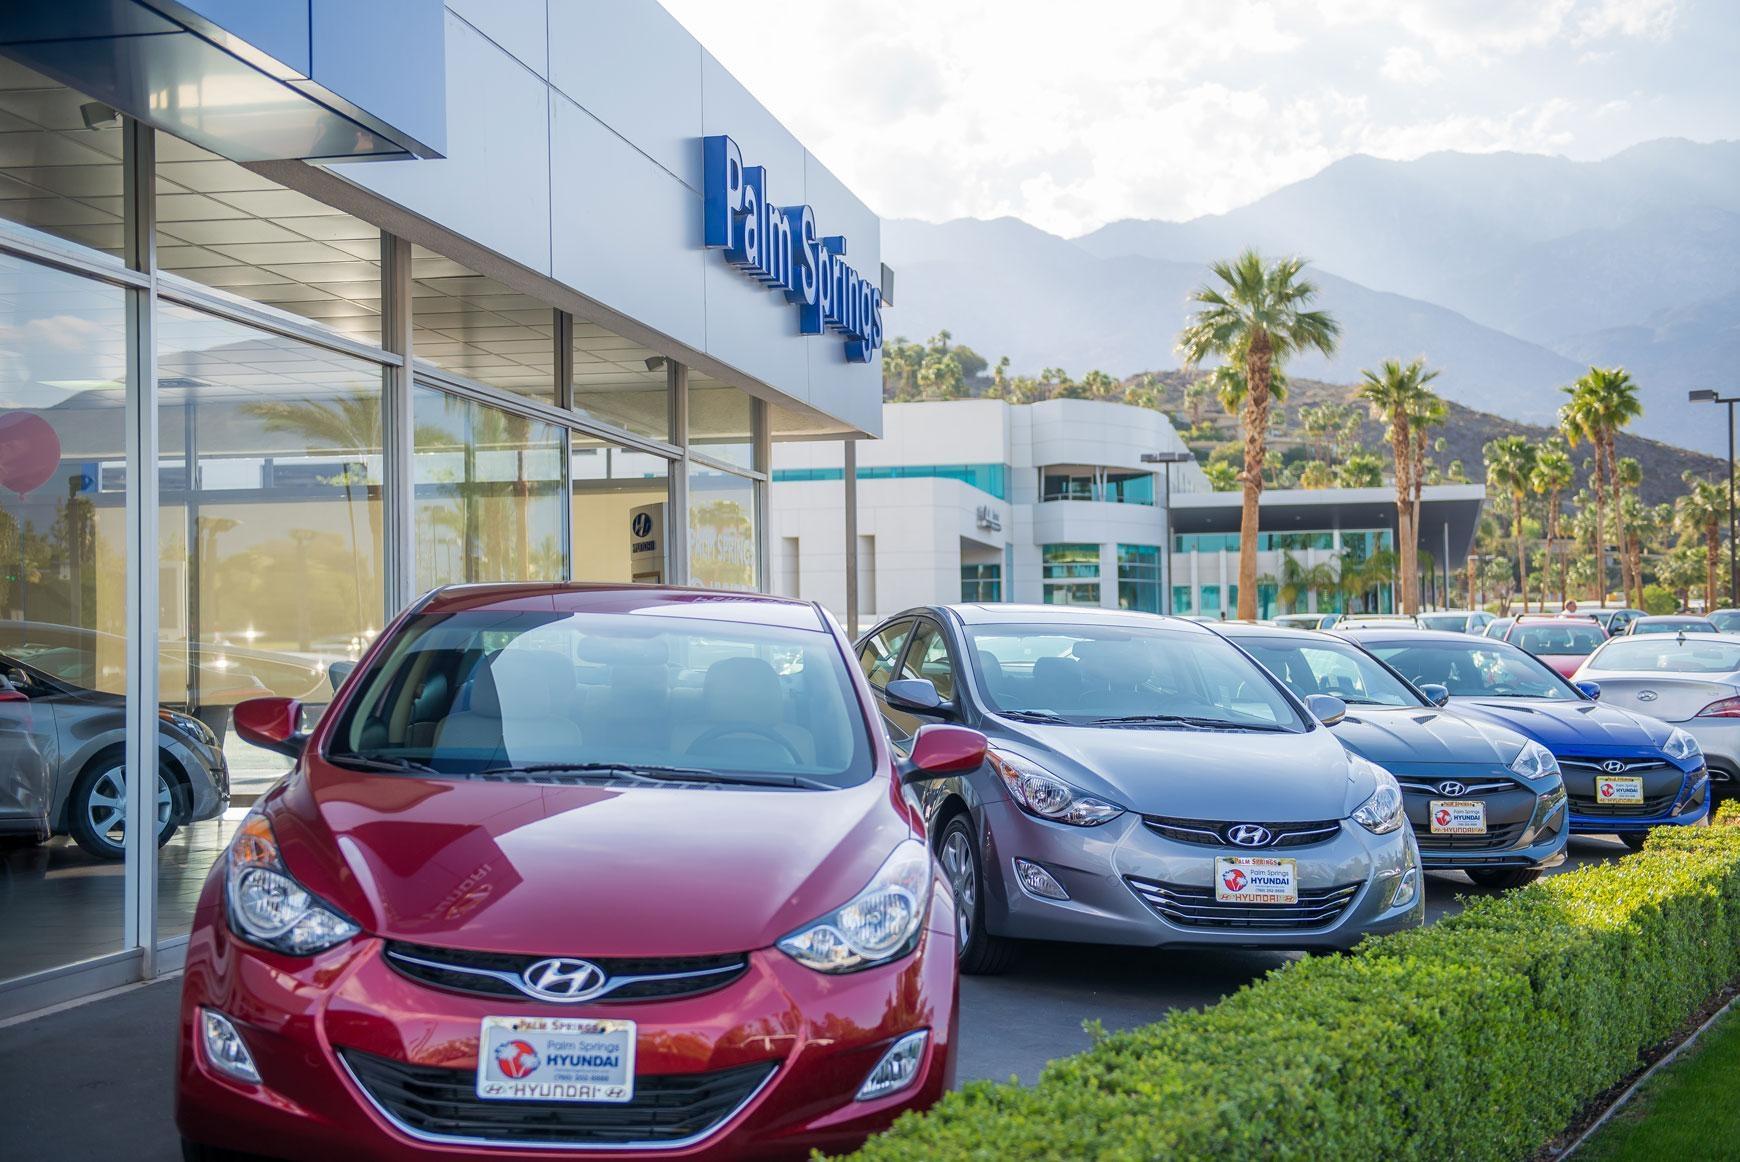 Used Car Dealers In Palm Springs Ca